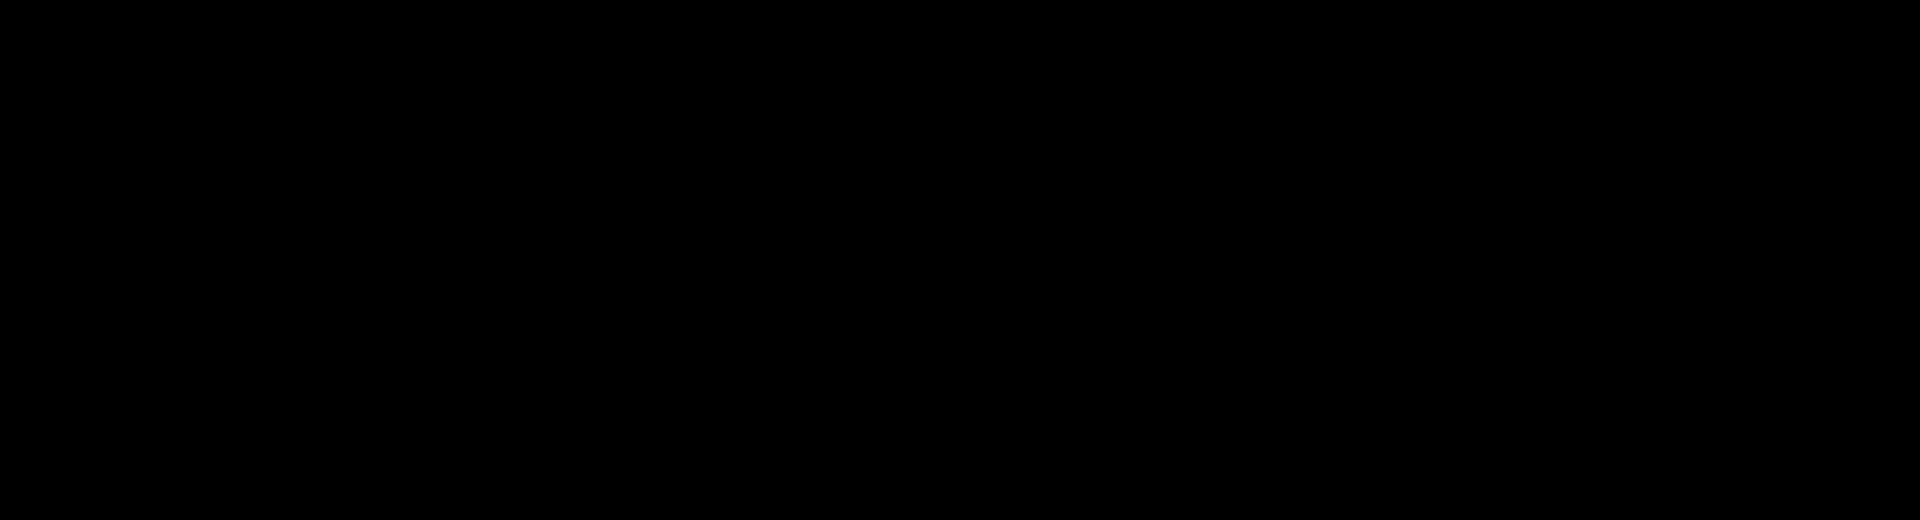 Vektre Labs logo